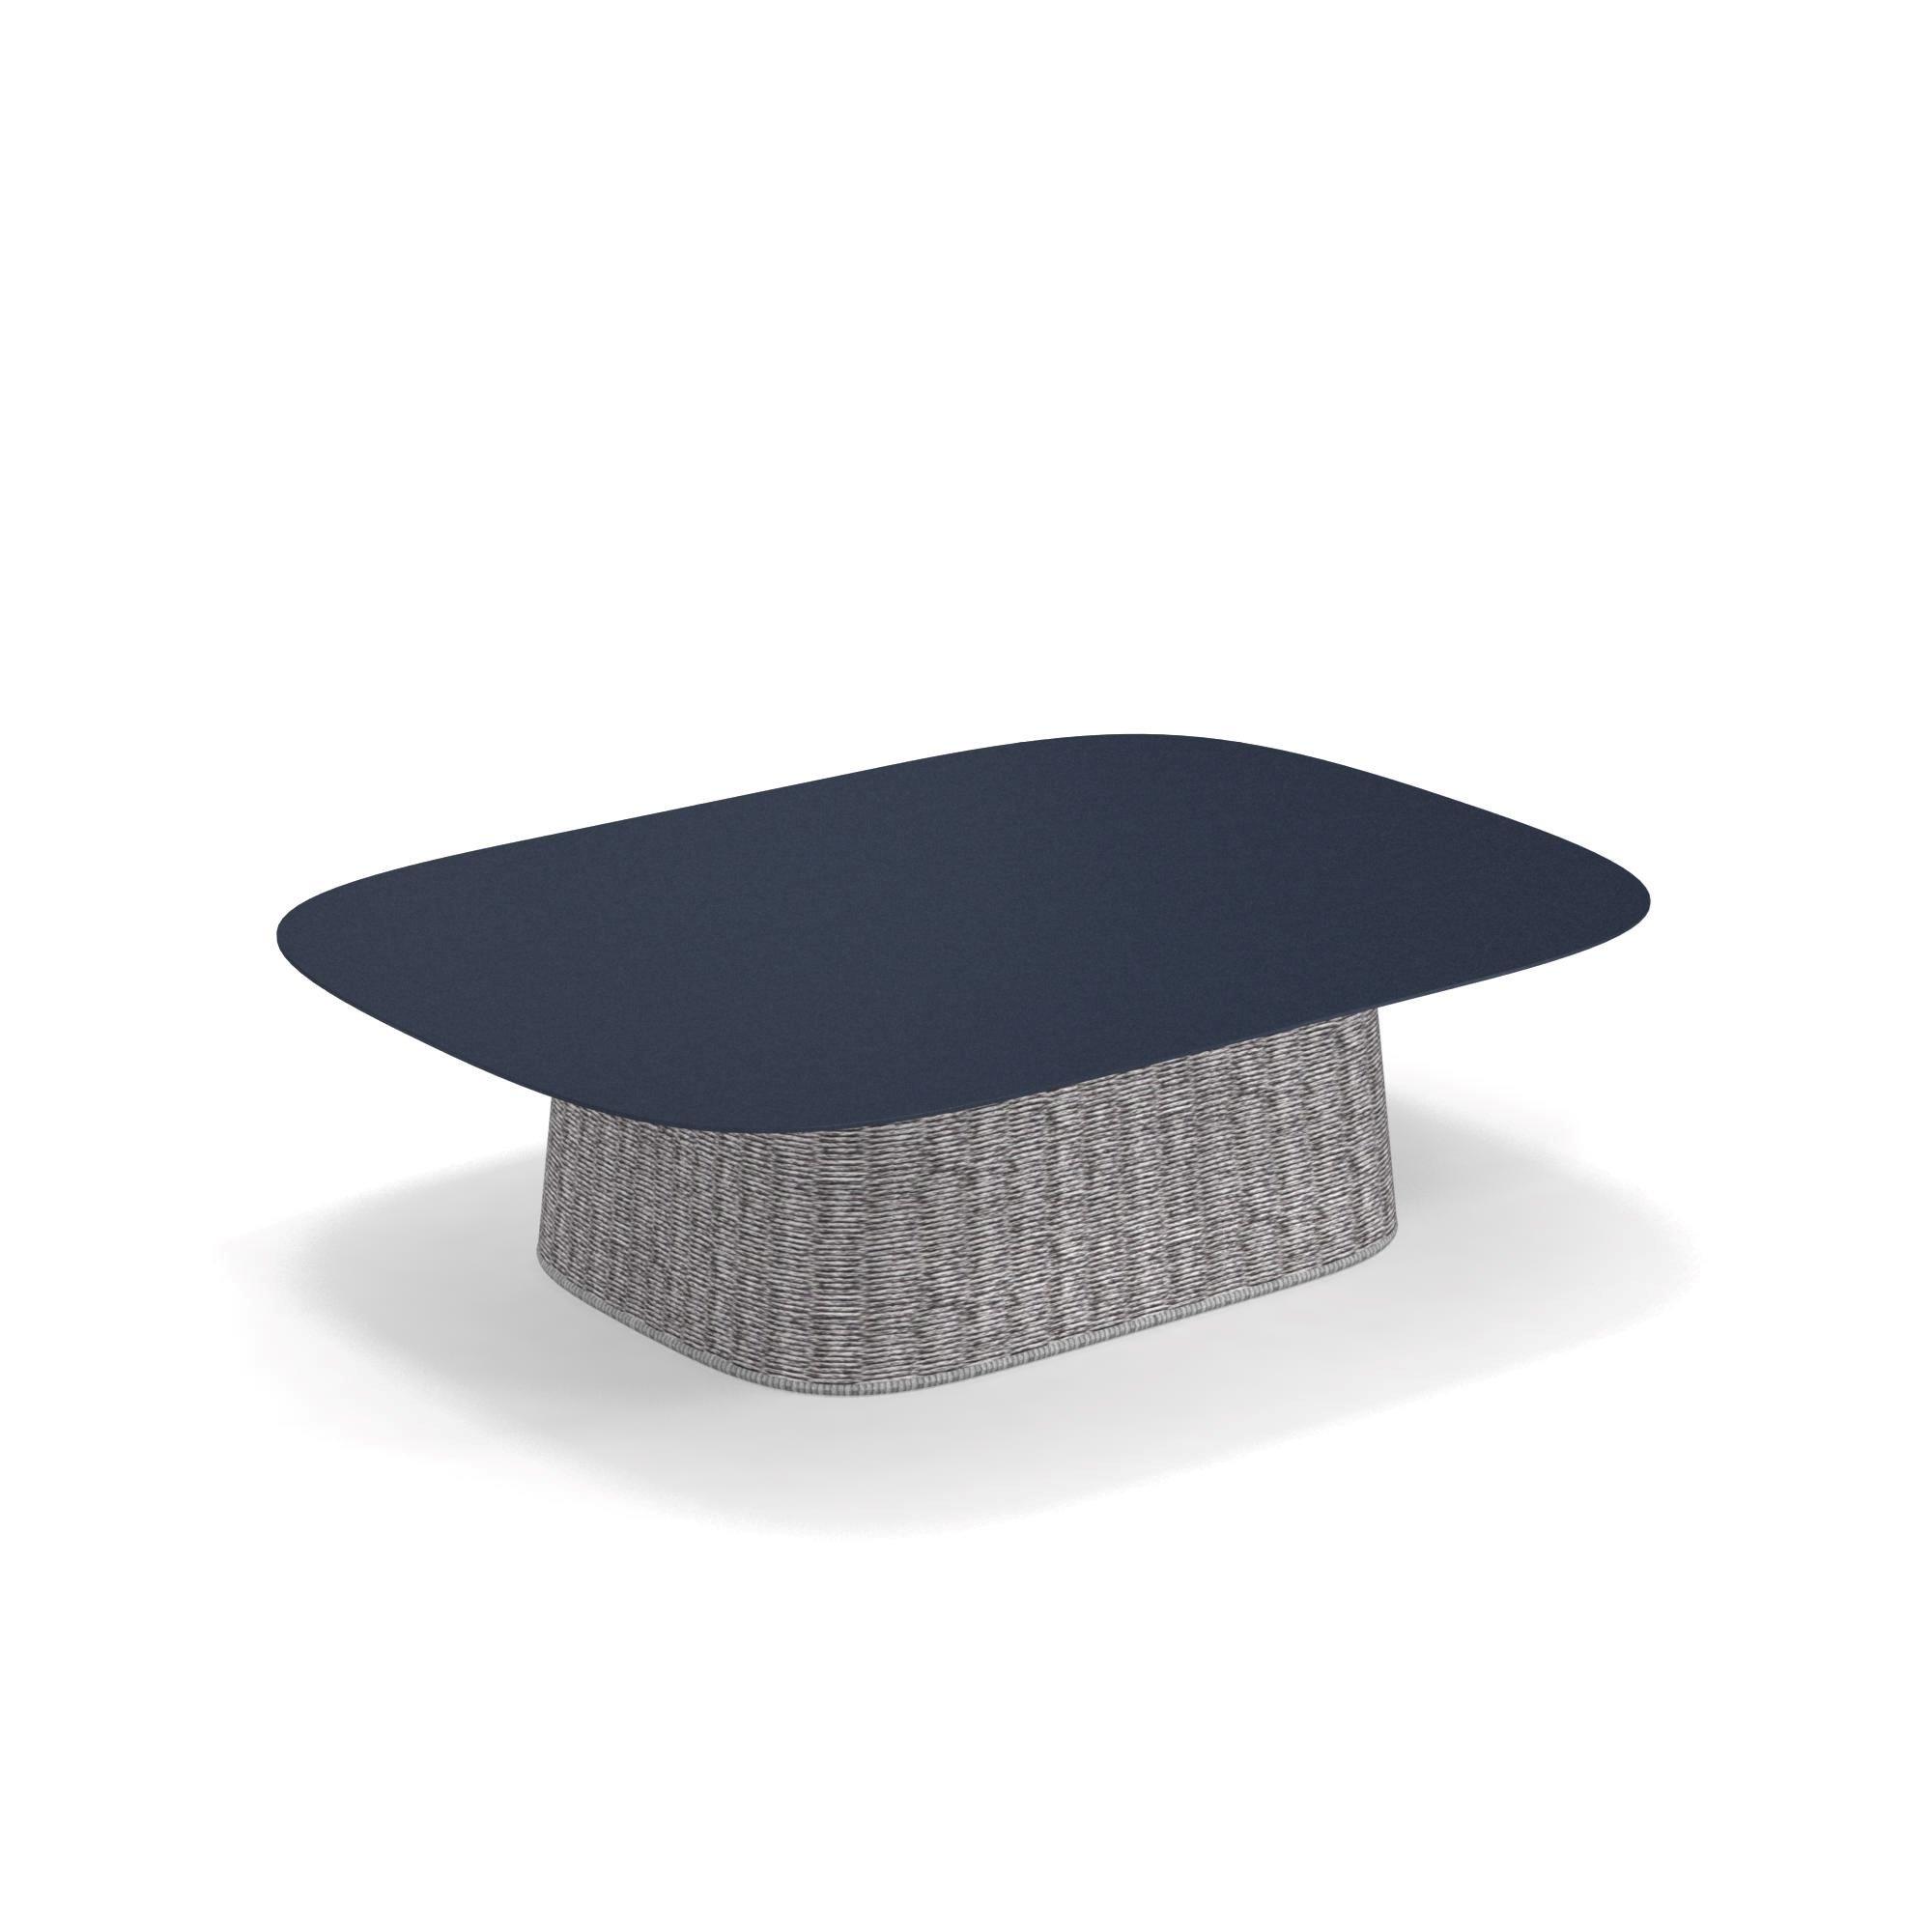 Oudoor мебель для отеля, садовый PE ротанговый стол, плетеный стол для отеля, садовый журнальный столик